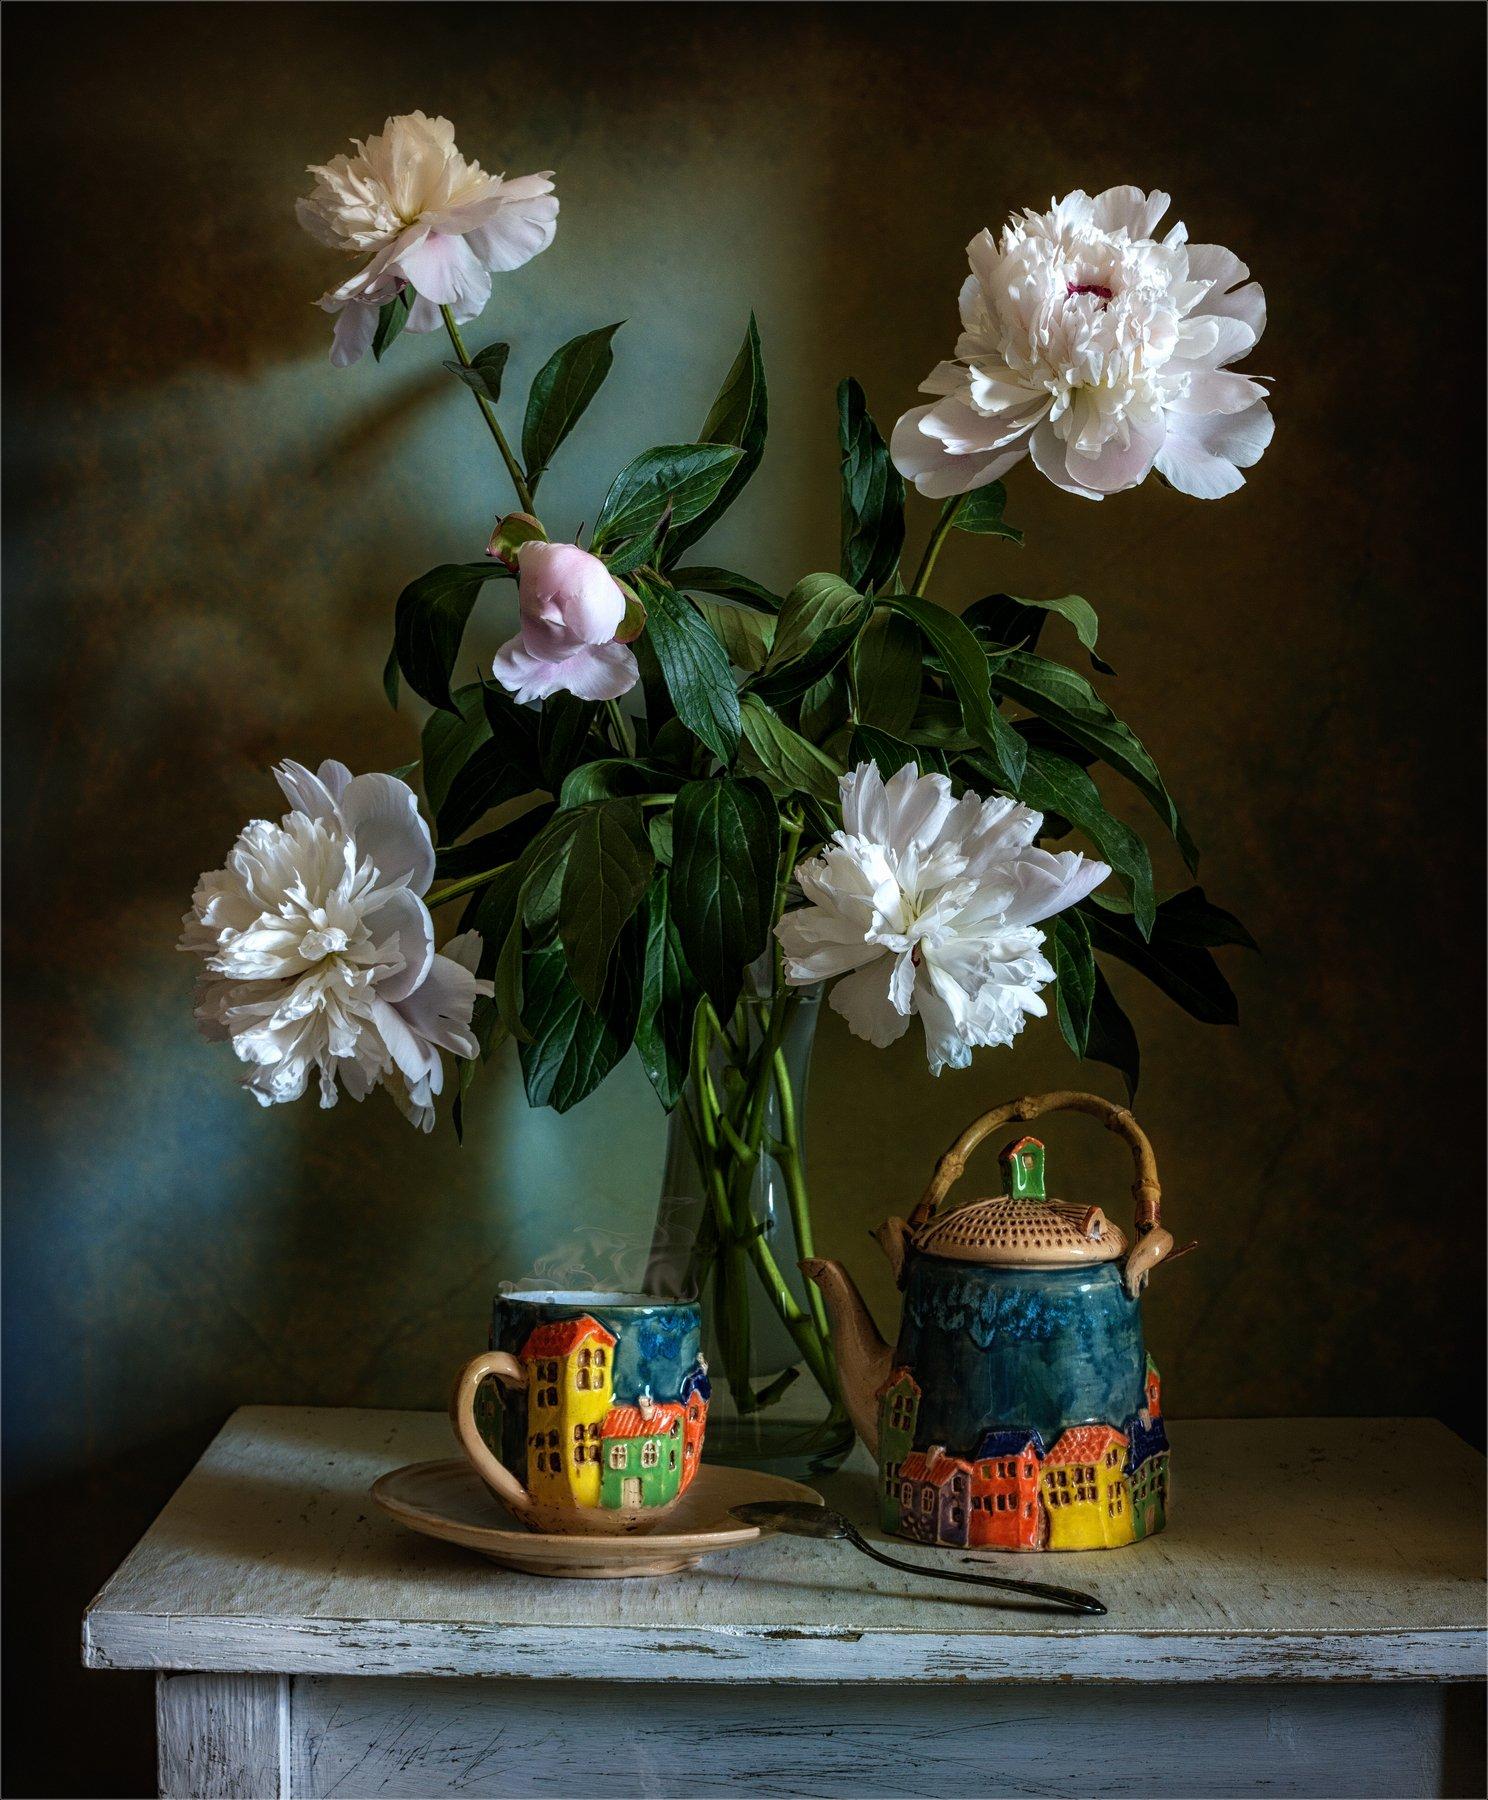 still life, натюрморт,    растение, природа,  винтаж, , цветы, букет, пионы, чай, чашка, чайник, посуда, керамика,, Михаил MSH